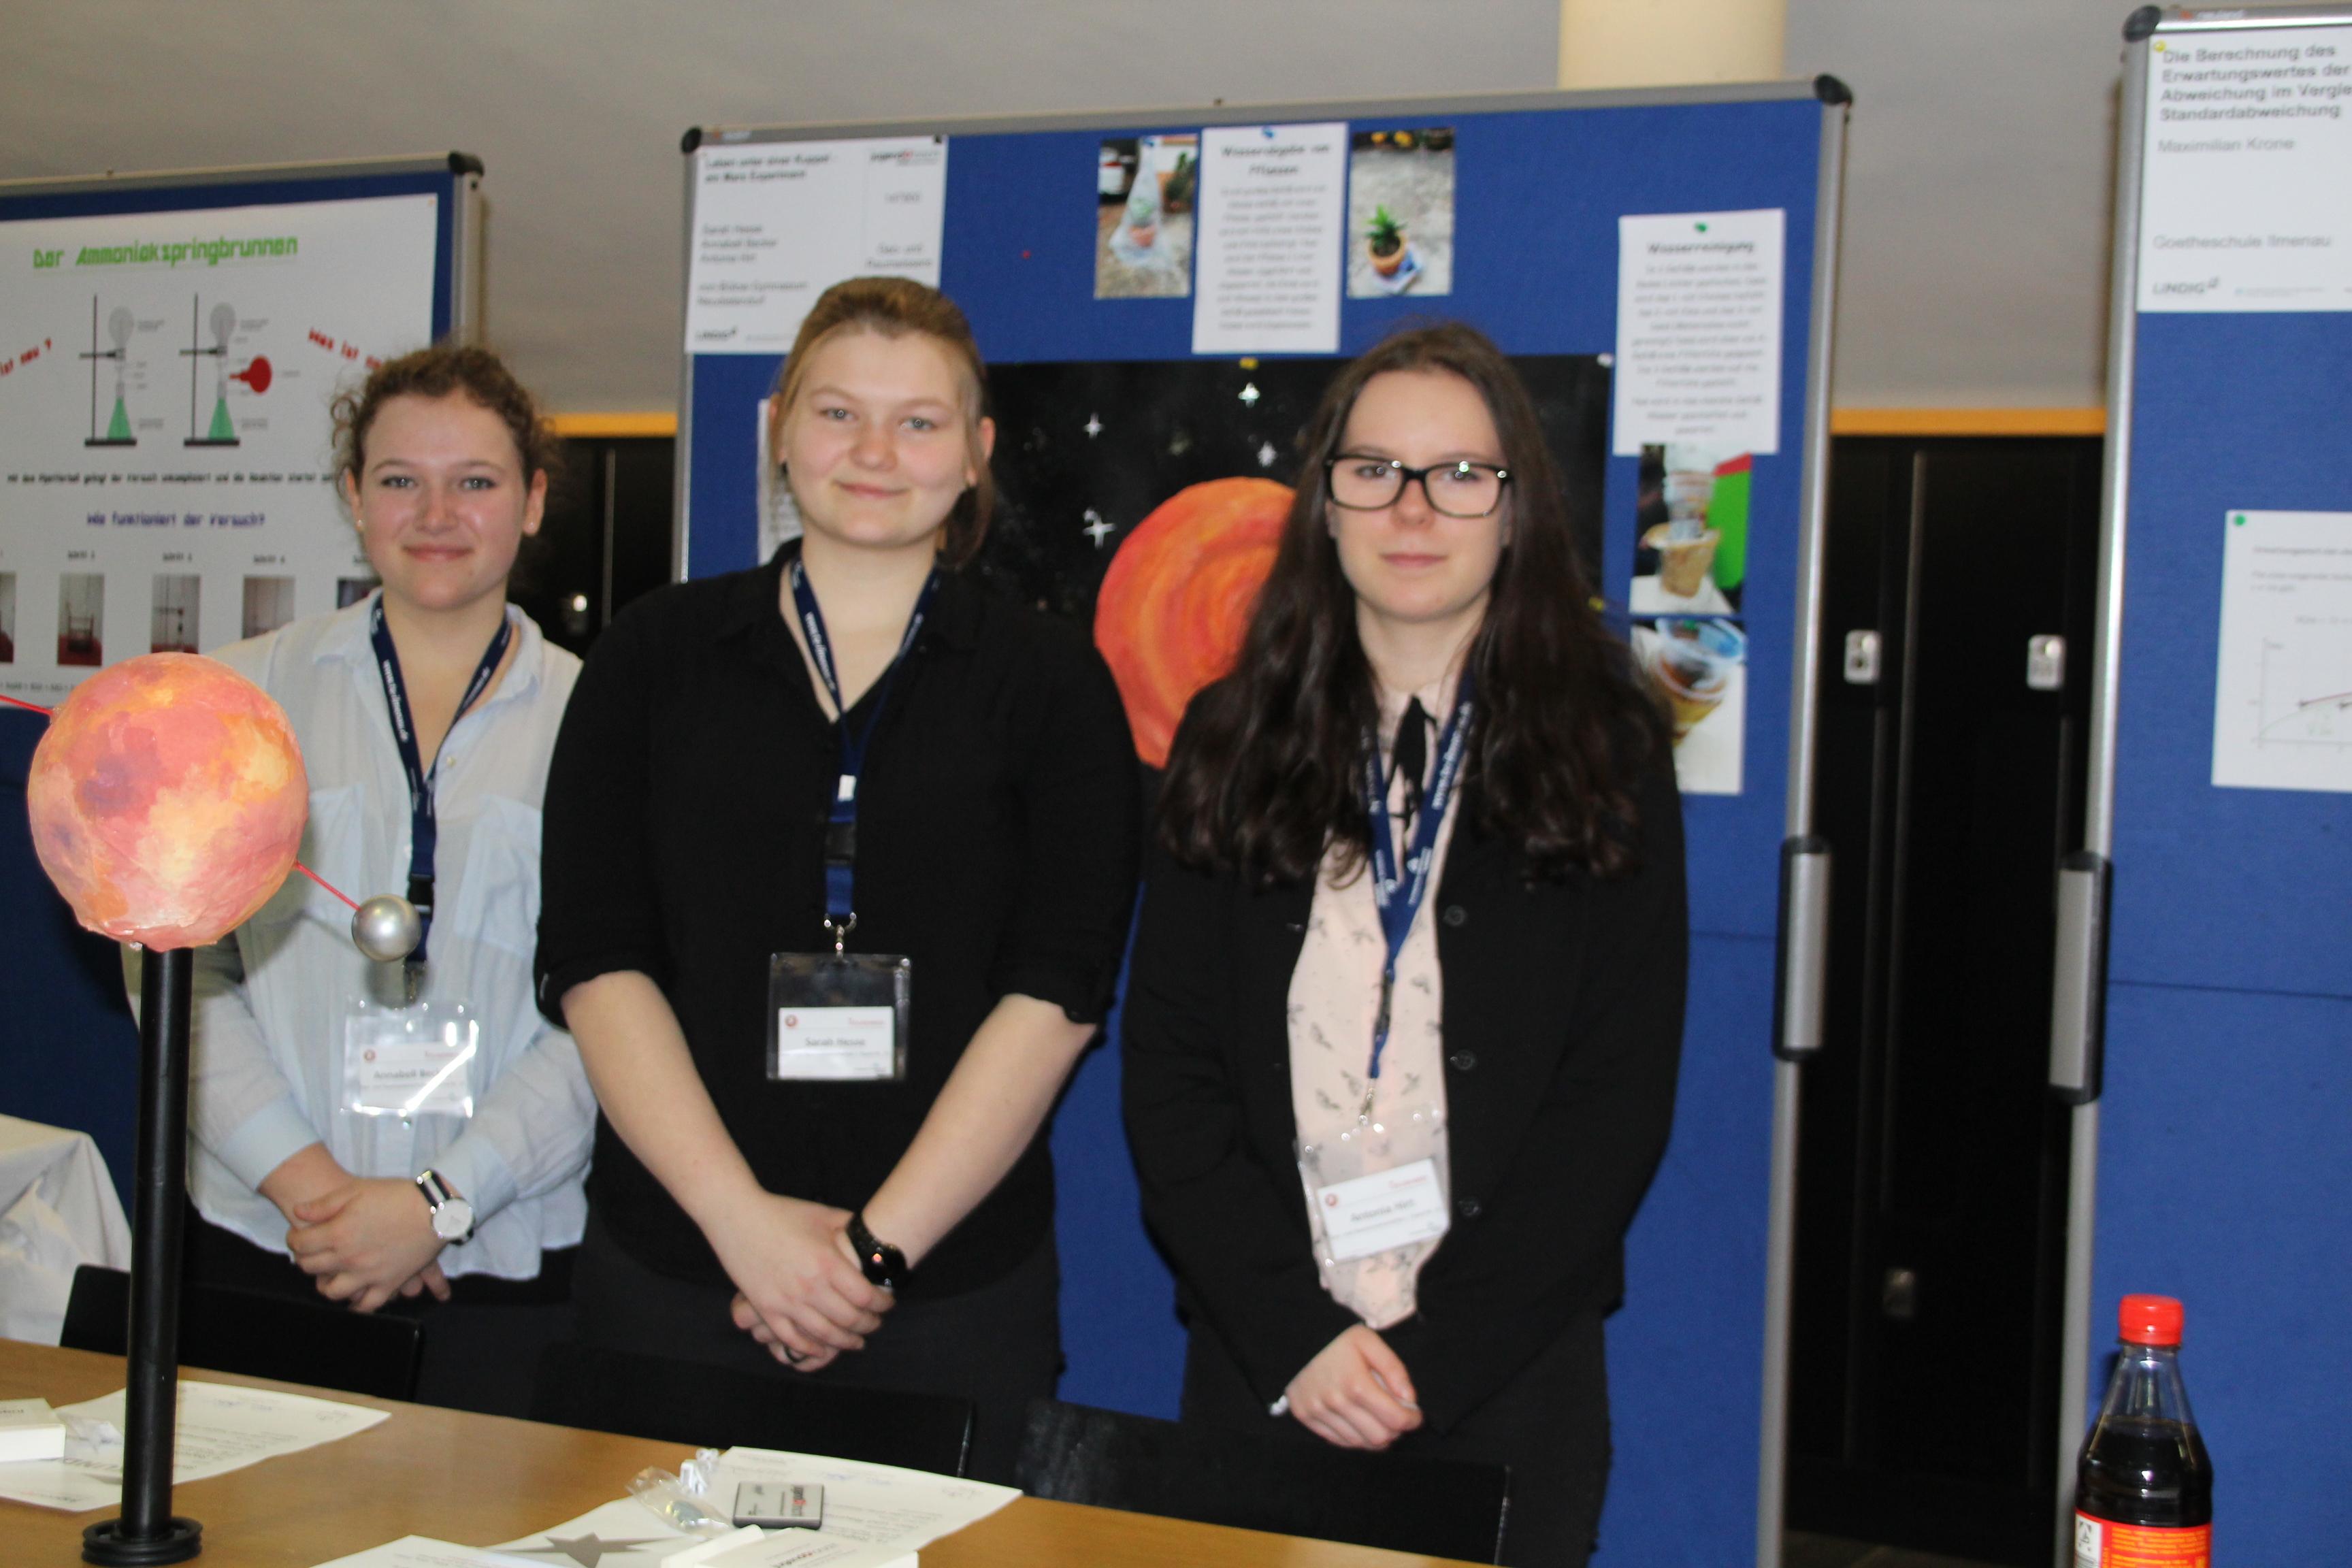 """Wie lässt sich Leben auf dem Mars realisieren? Annabell Becker, Sarah Hesse und Antonia Hirt forschten dazu und wurden mit einem 2. Preis in der Kategorie """"Geo- und Raumwissenschaften"""" und dem Sonderpreis der TU Ilmenau belohnt."""